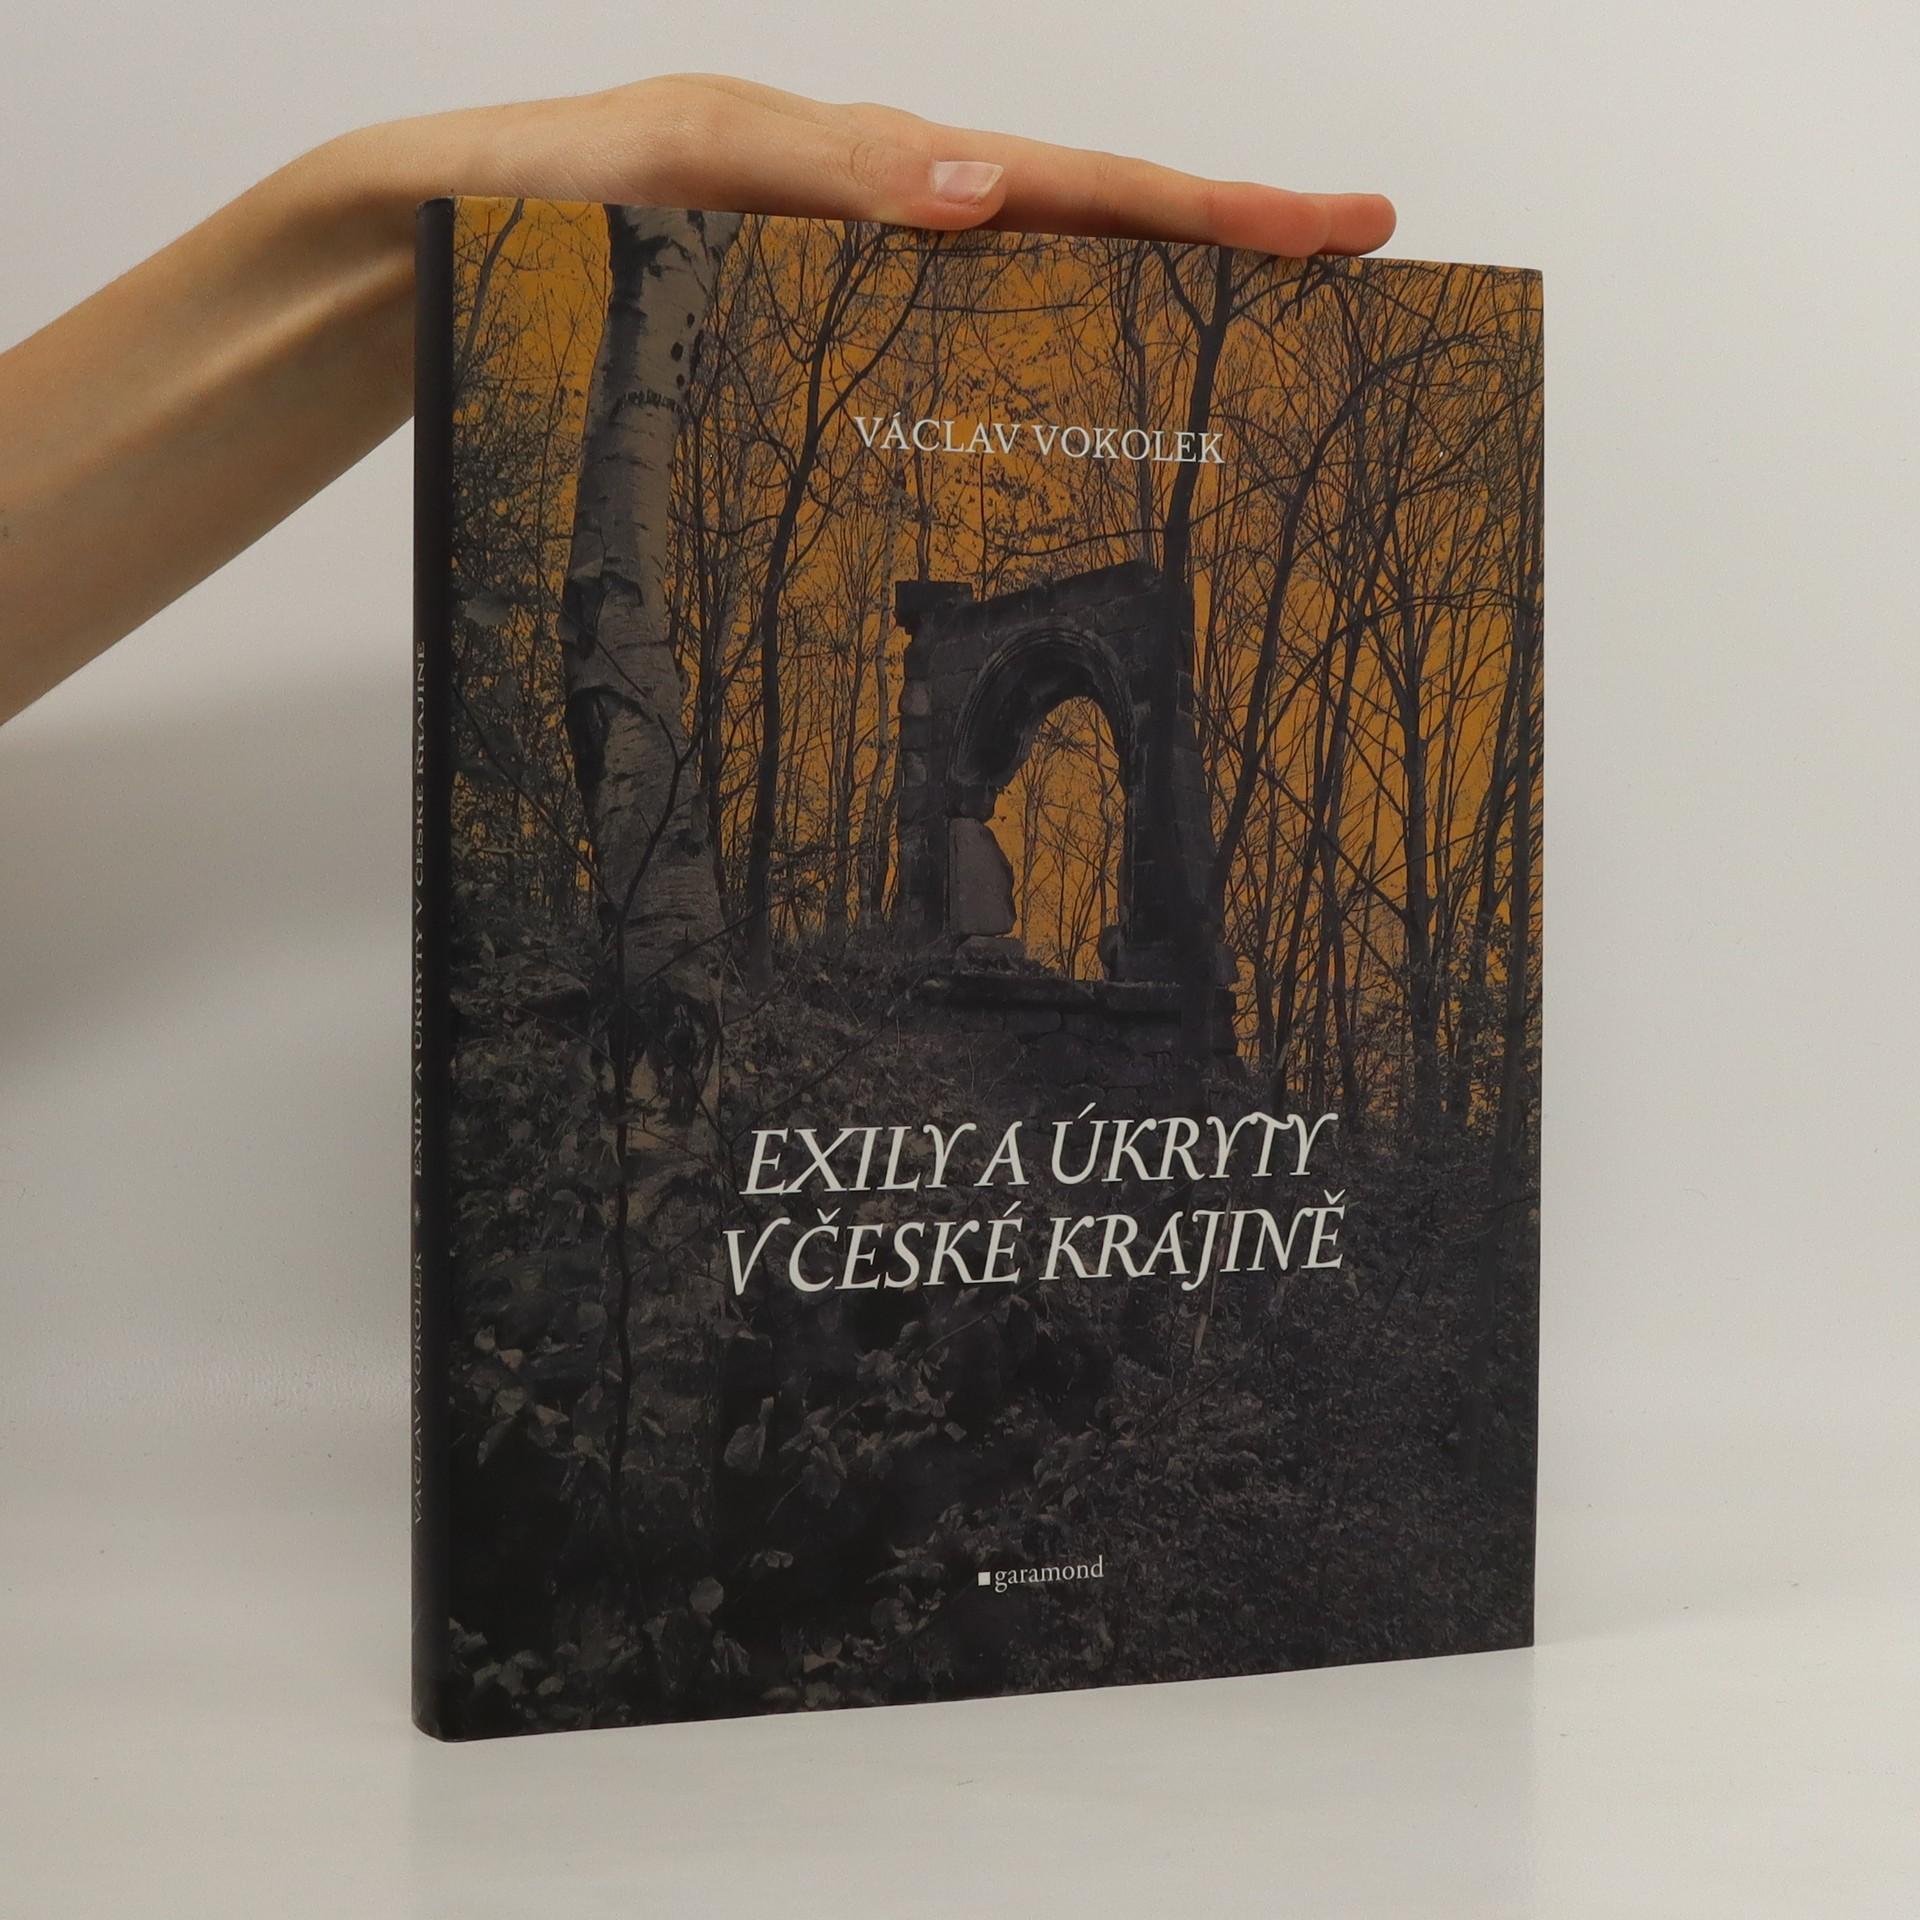 antikvární kniha Exily a úkryty v české krajině, 2006